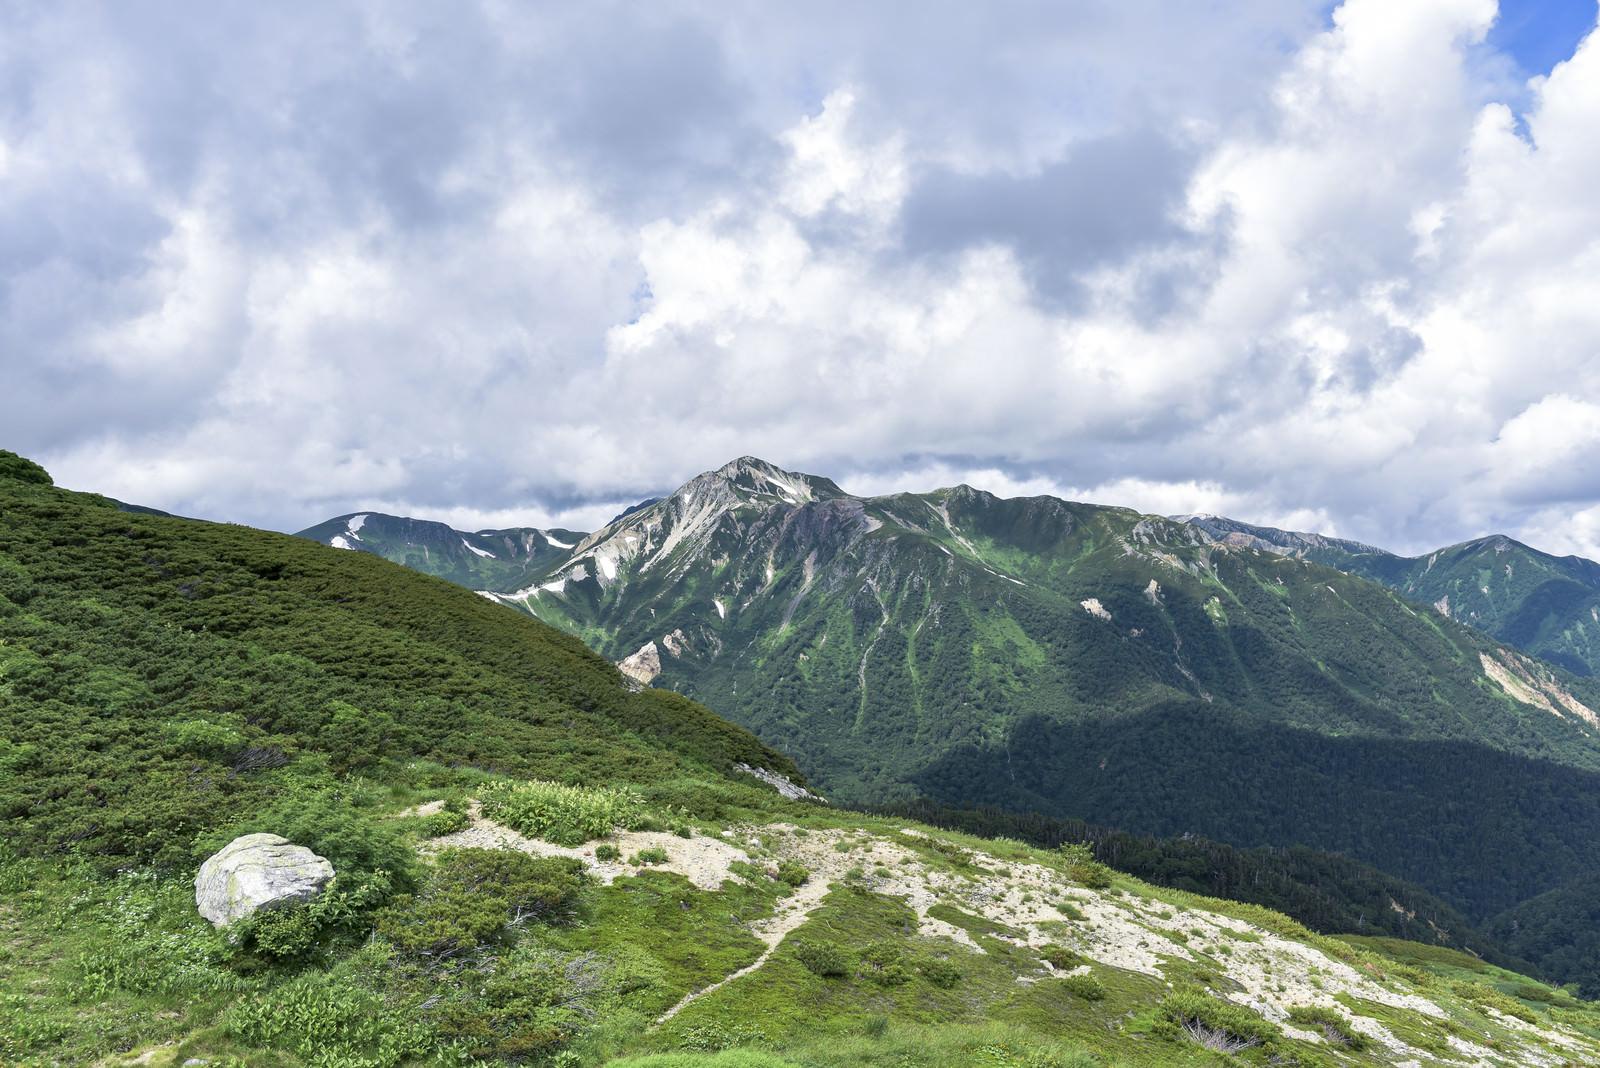 「双六岳手前から見る鷲羽岳(わしばだけ)」の写真